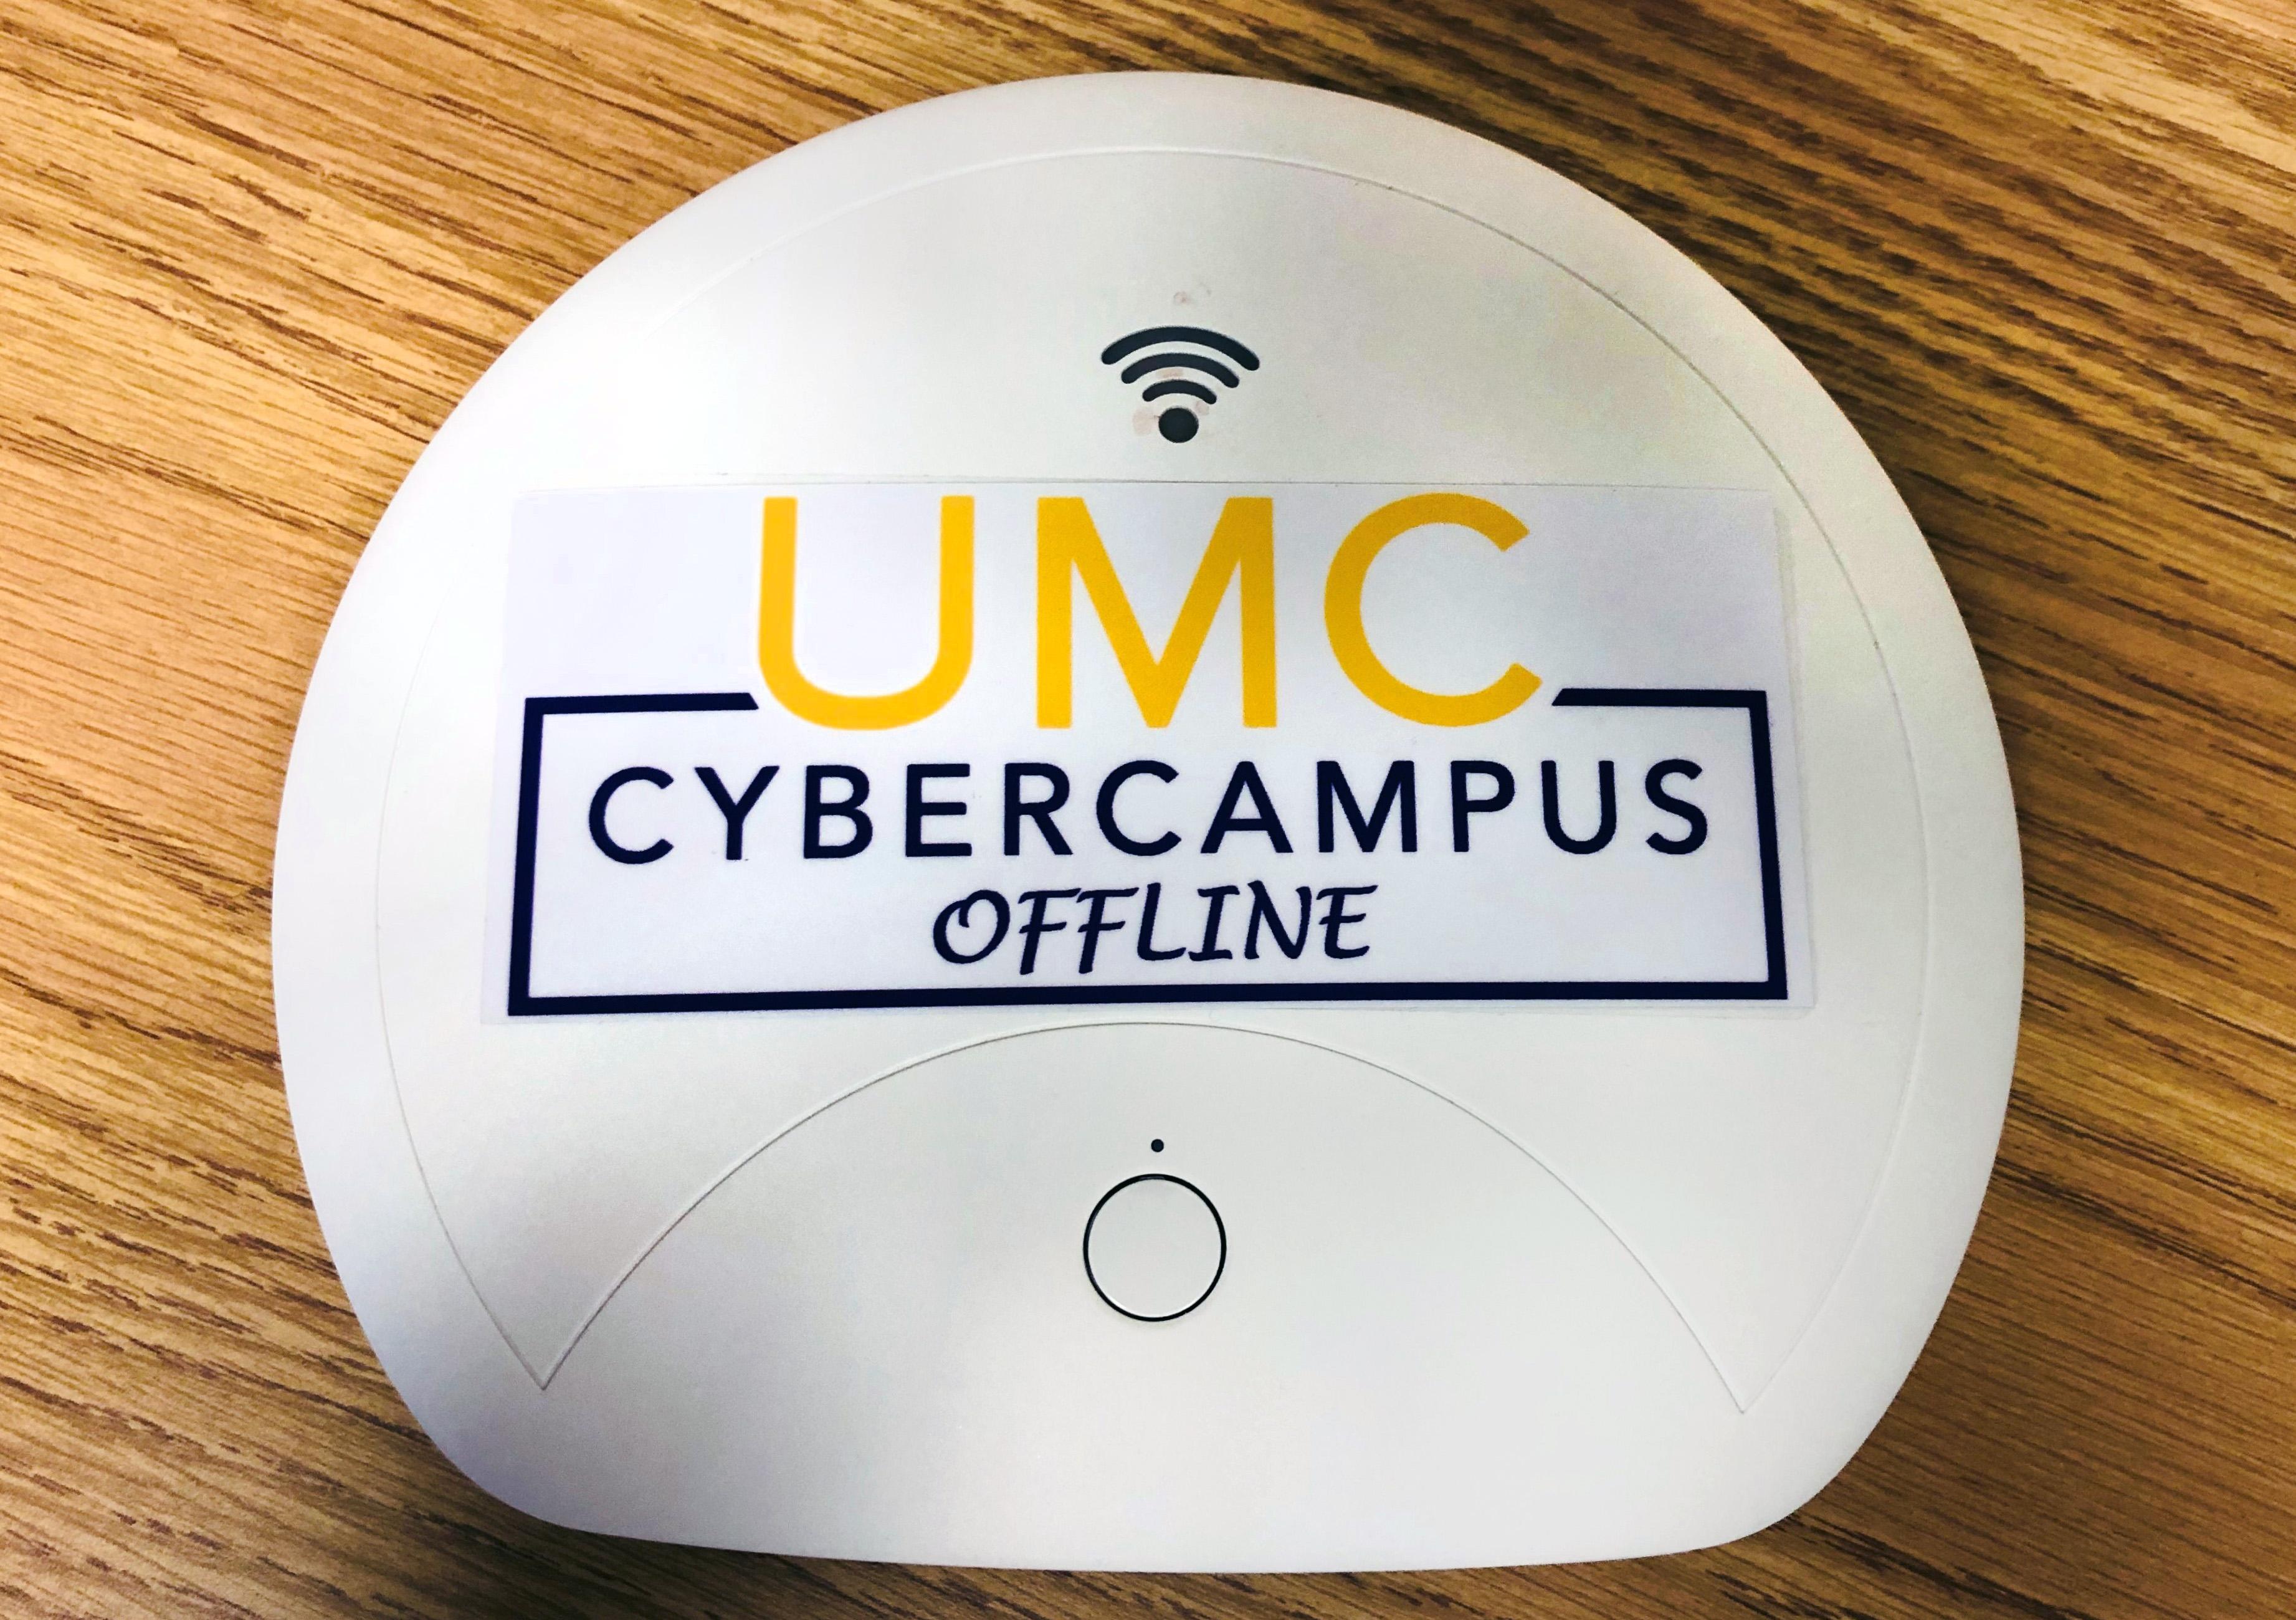 """El dispositivo portátil """"UMC Cyber Campus Offline"""" ofrece material educativo digitalizado en áreas sin acceso a Internet. Foto del Rev. HiRho Park, Junta Metodista Unida de Educación Superior y Ministerio (GBHEM)."""